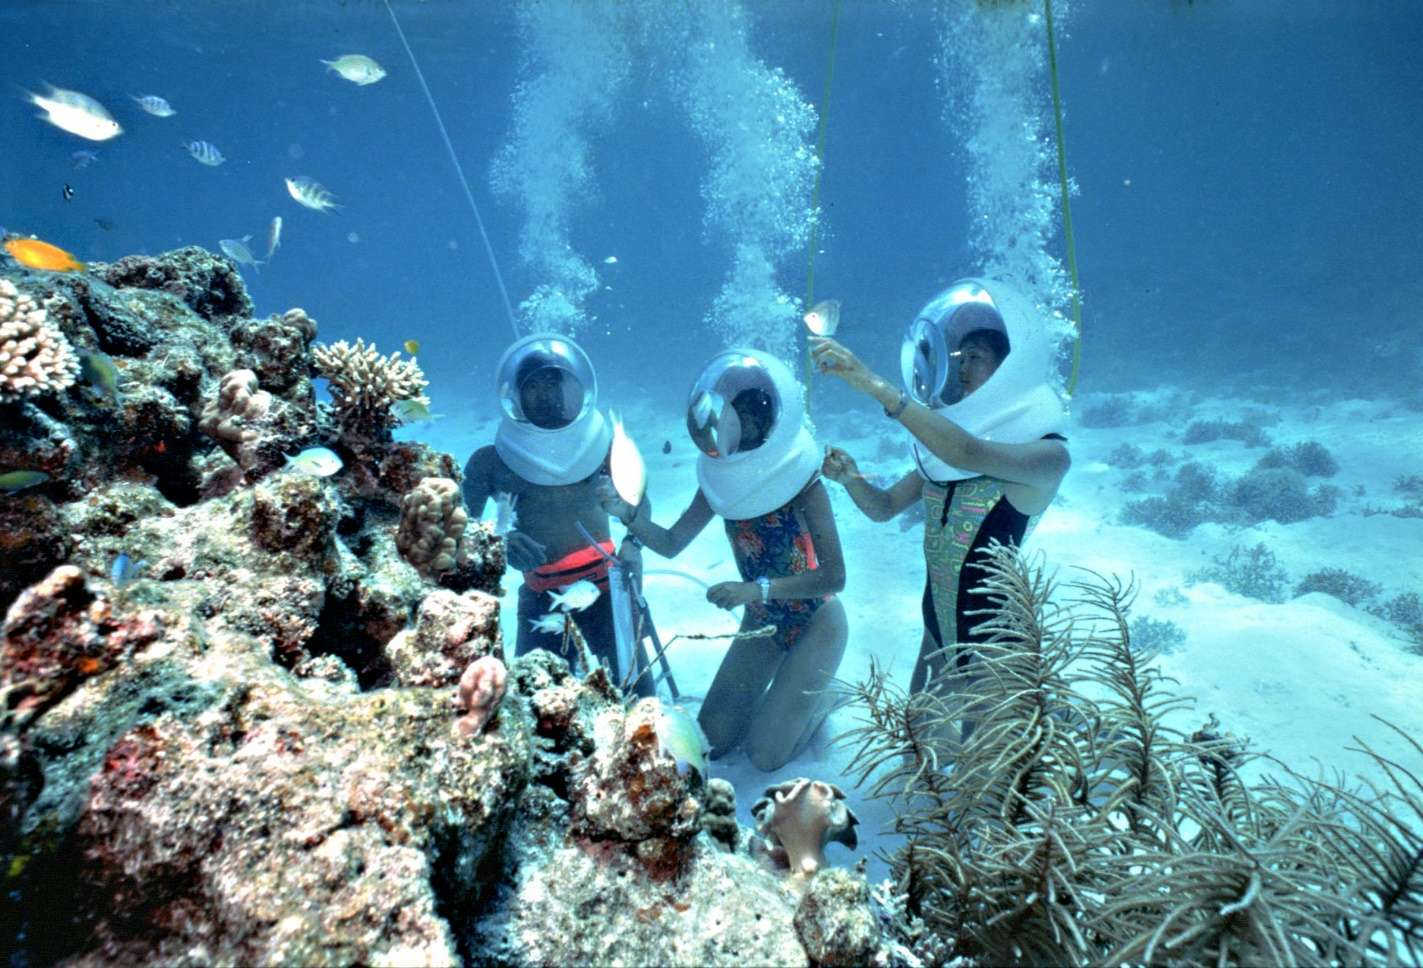 Bạn có thể tham gia chuơng trình lặn biển ngắm san hô ở đảo Coral